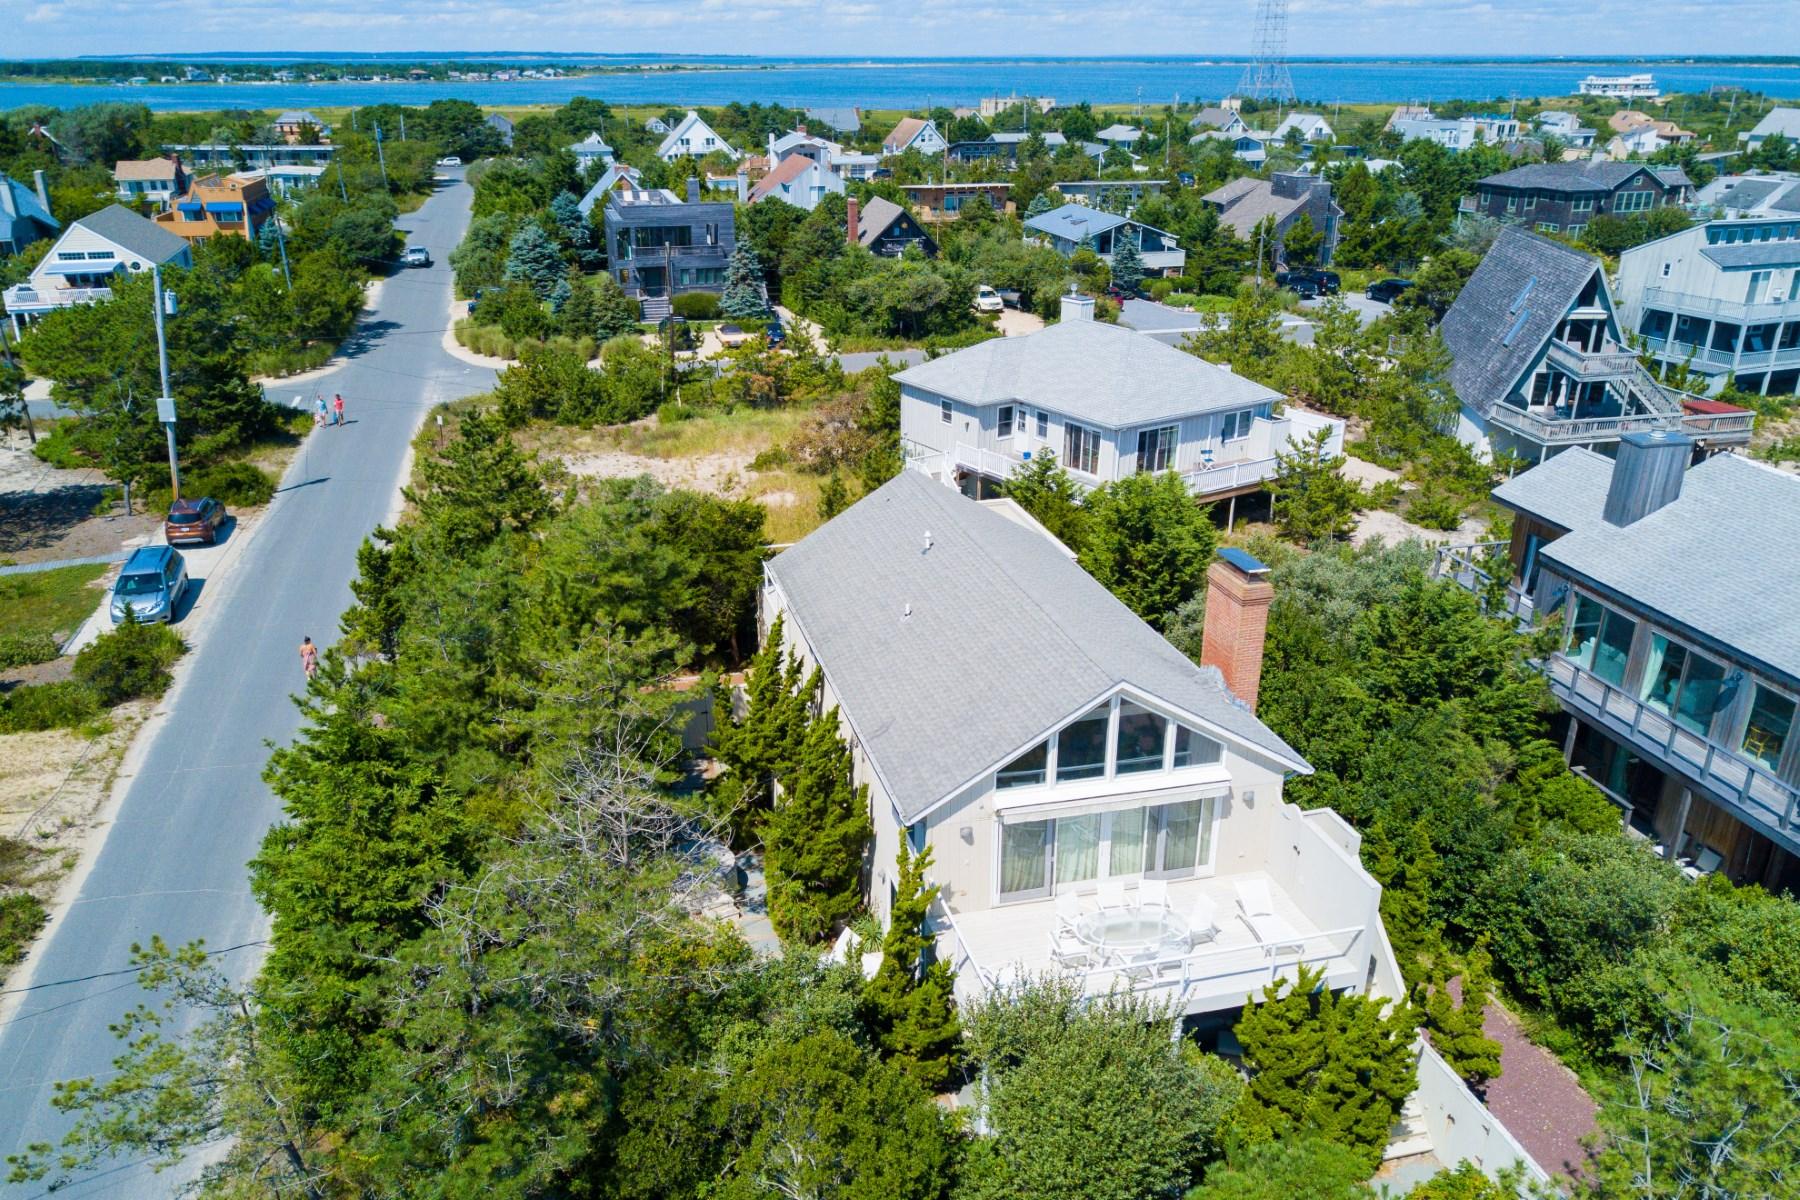 独户住宅 为 销售 在 White Sands 51 Shore Road 阿莫甘西特, 纽约州, 11930 美国